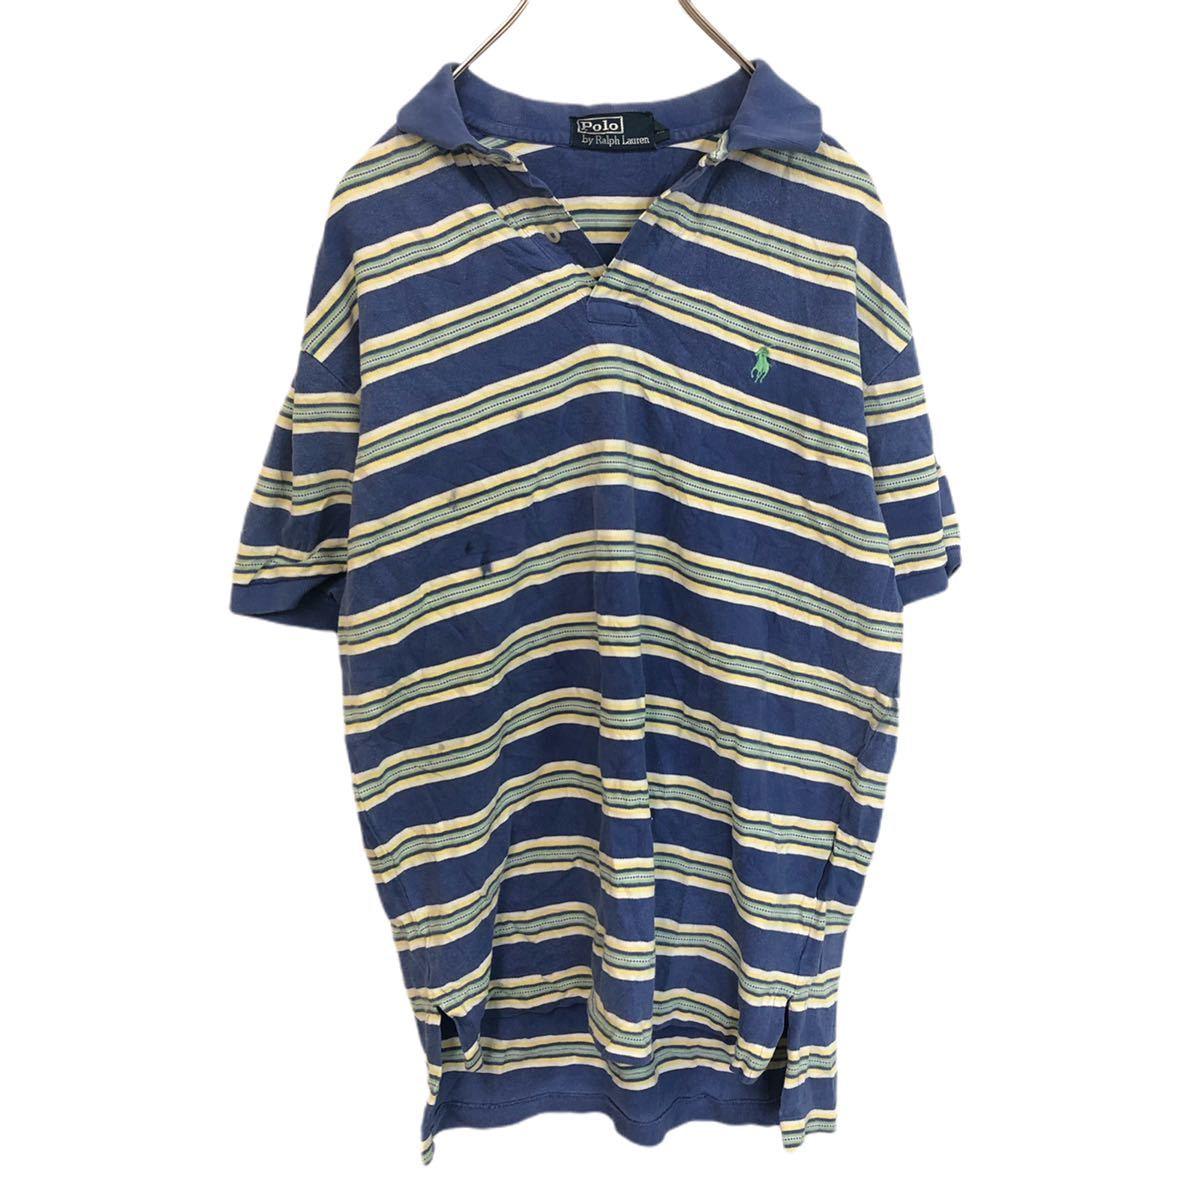 POLO by RALPH LAUREN ポロバイラルフローレン 半袖 ポロシャツ メンズM 太ボーダー ワンポイント刺繍ロゴ ポニー YT1684AY_画像1